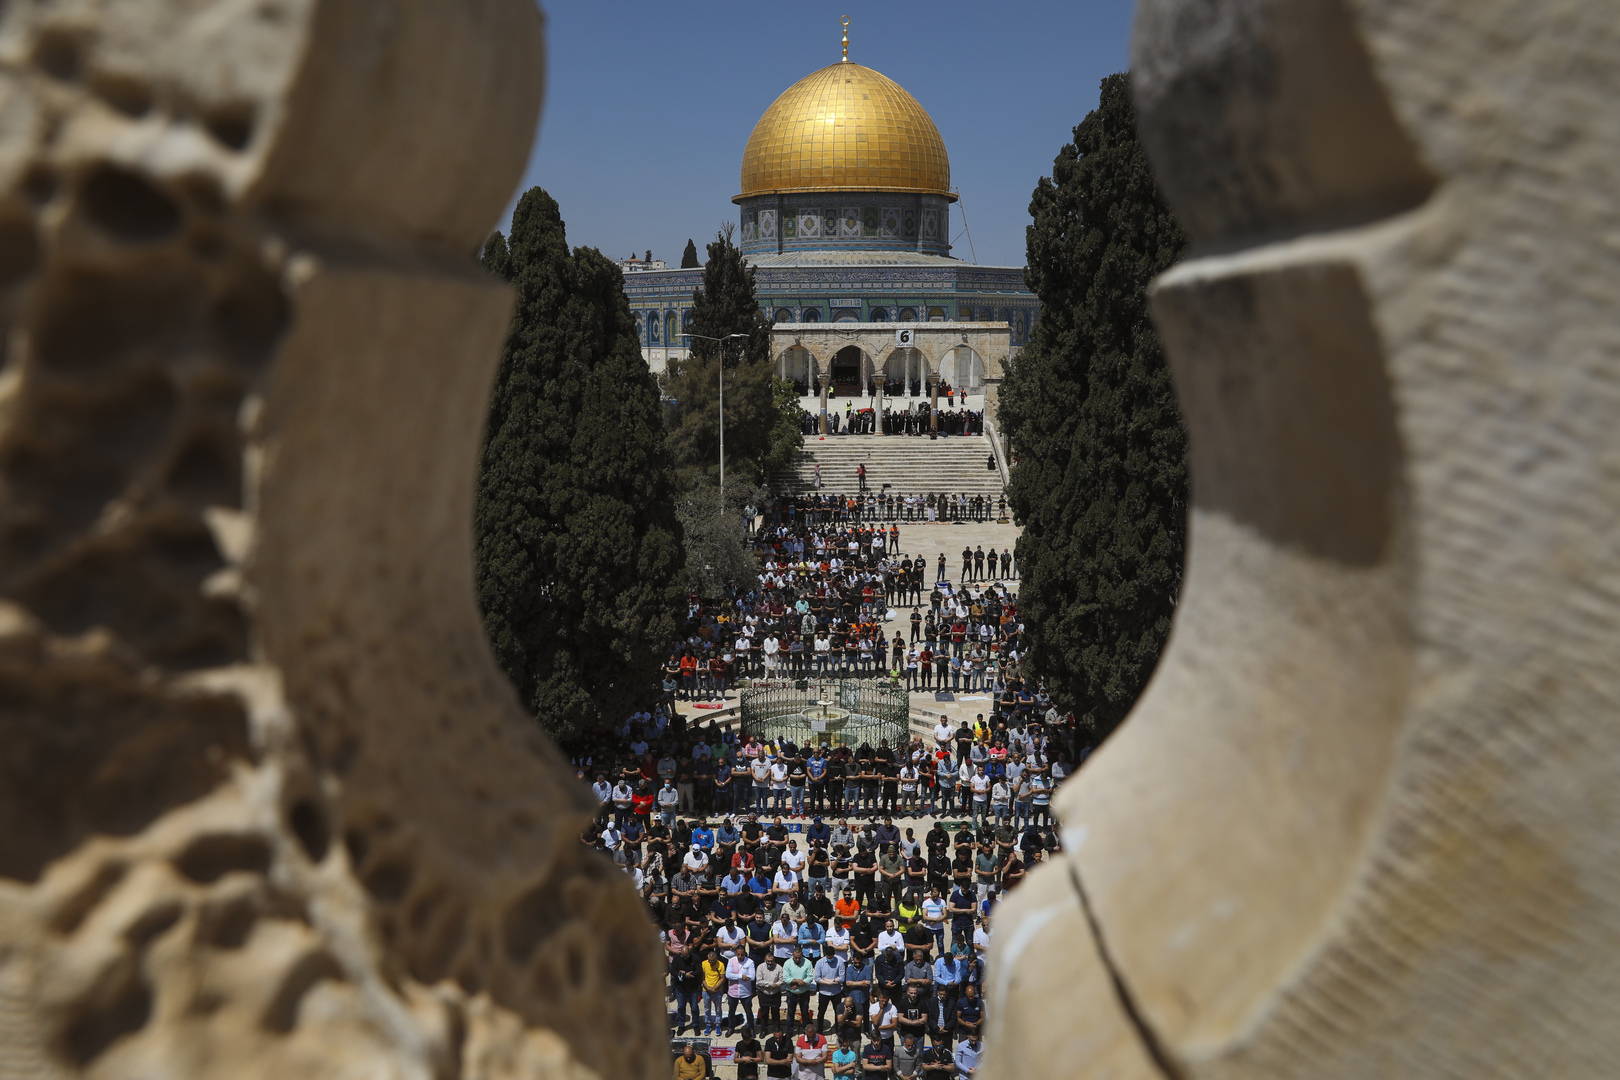 لأول مرة.. محكمة إسرائيلية تقر بحق اليهود في أداء